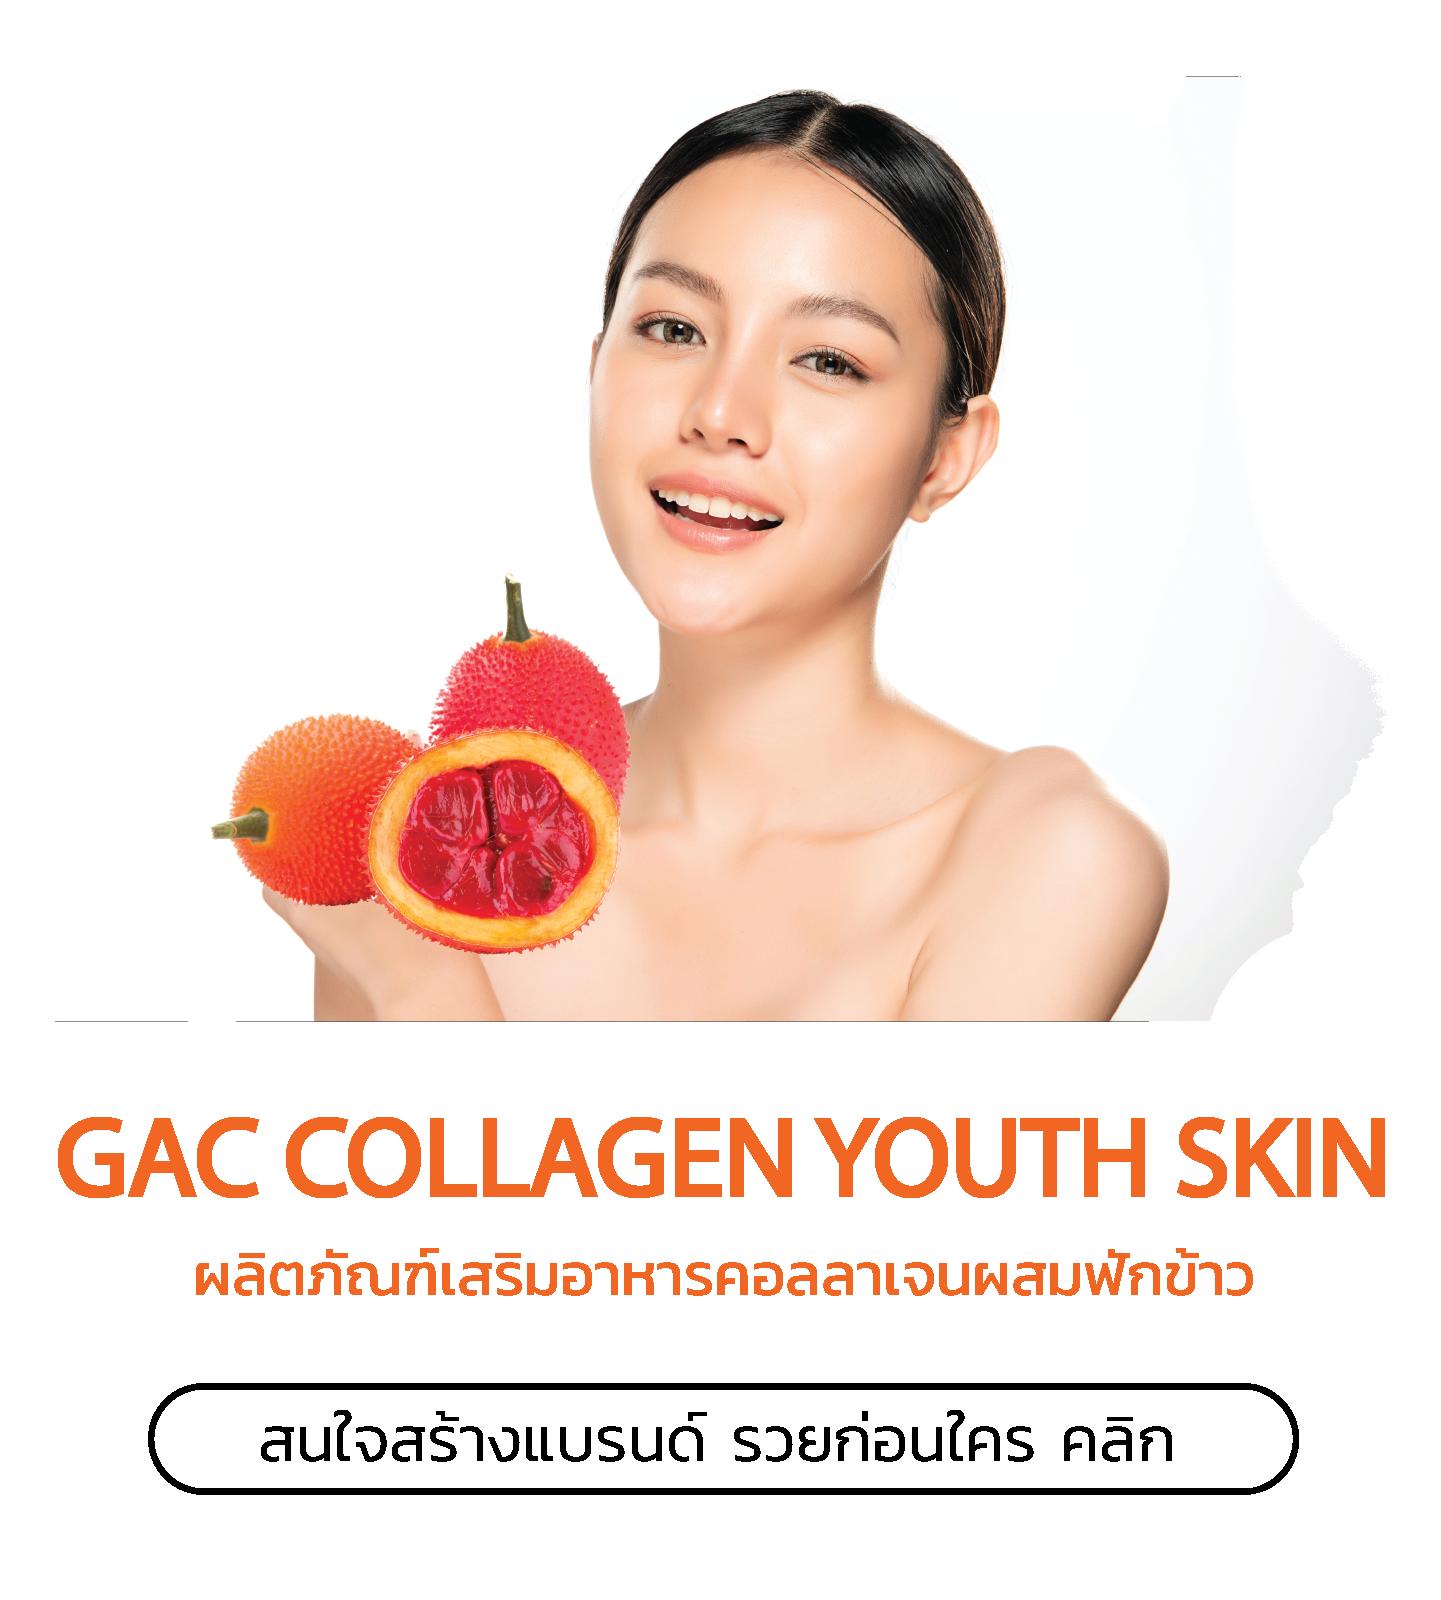 สร้างแบรนด์อาหารเสริม Gac collagen youth skin รวยก่อนใคร